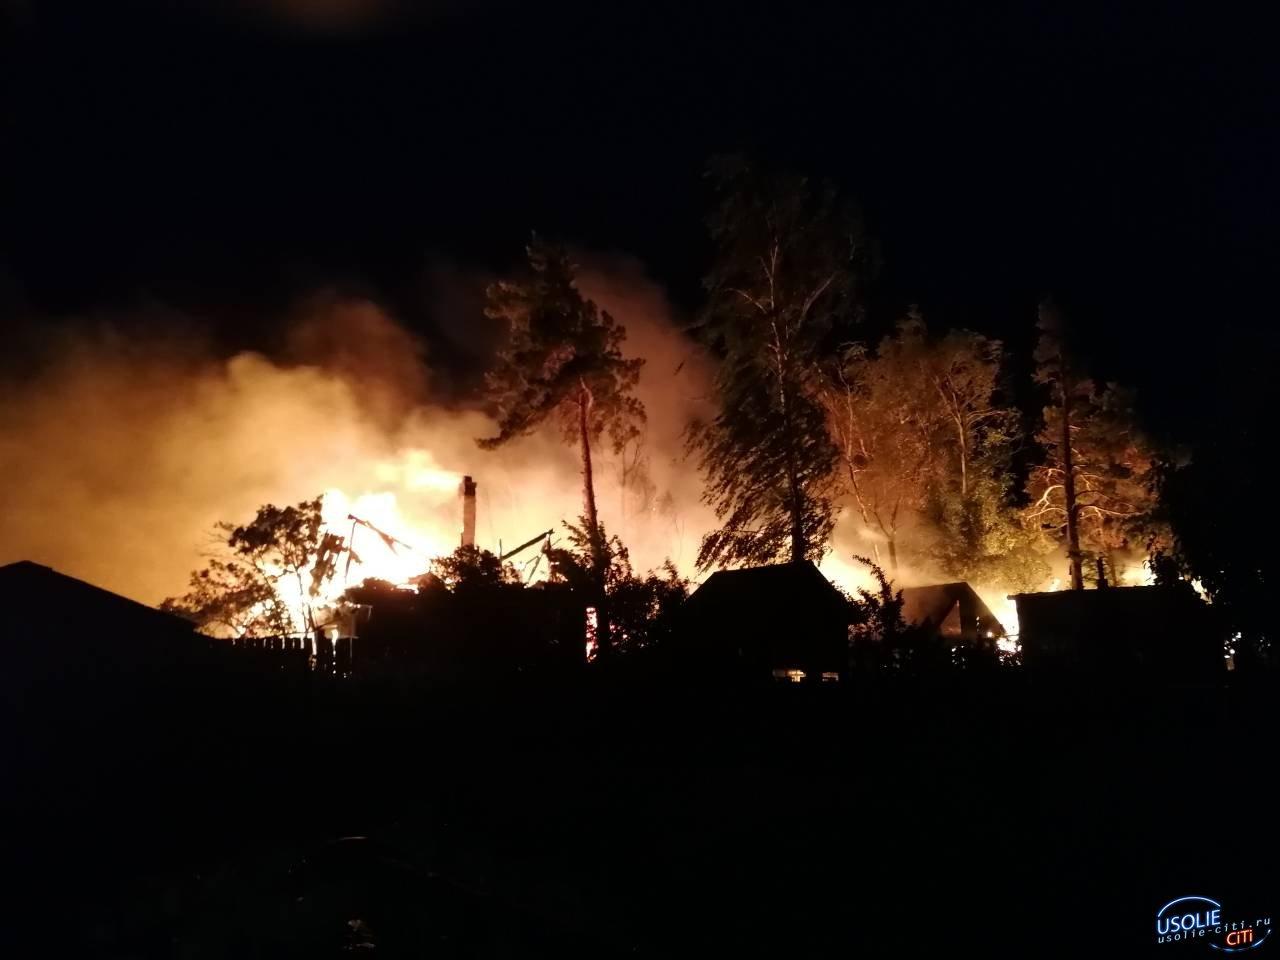 В Усолье ночью сгорели дачи в садоводстве